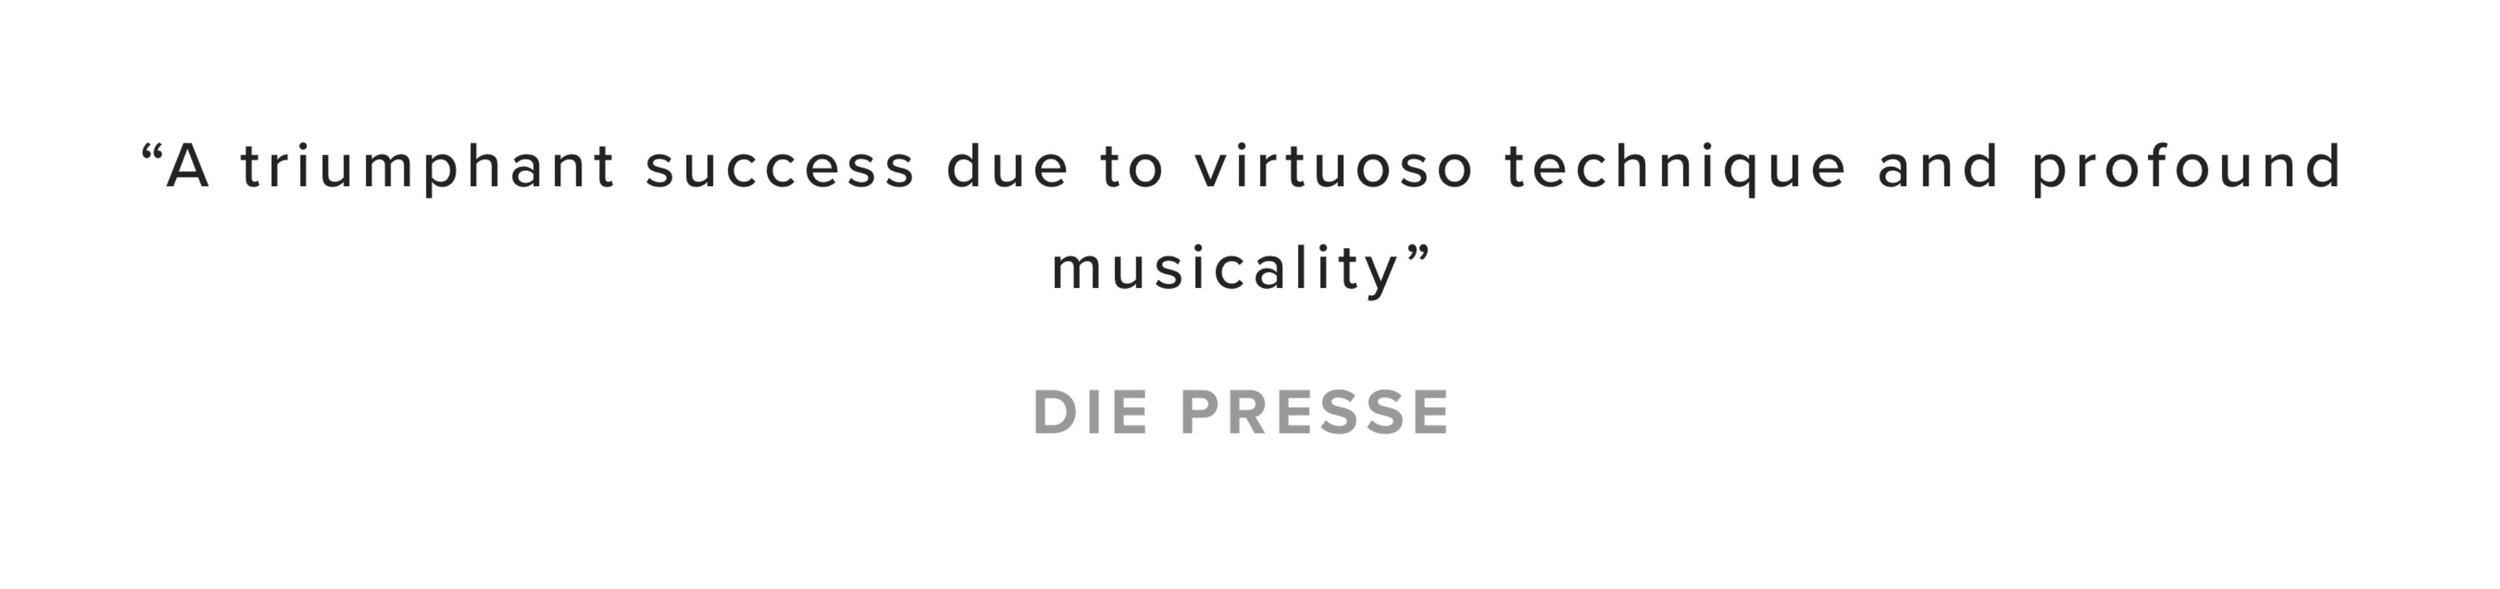 Quote 7.2.jpg